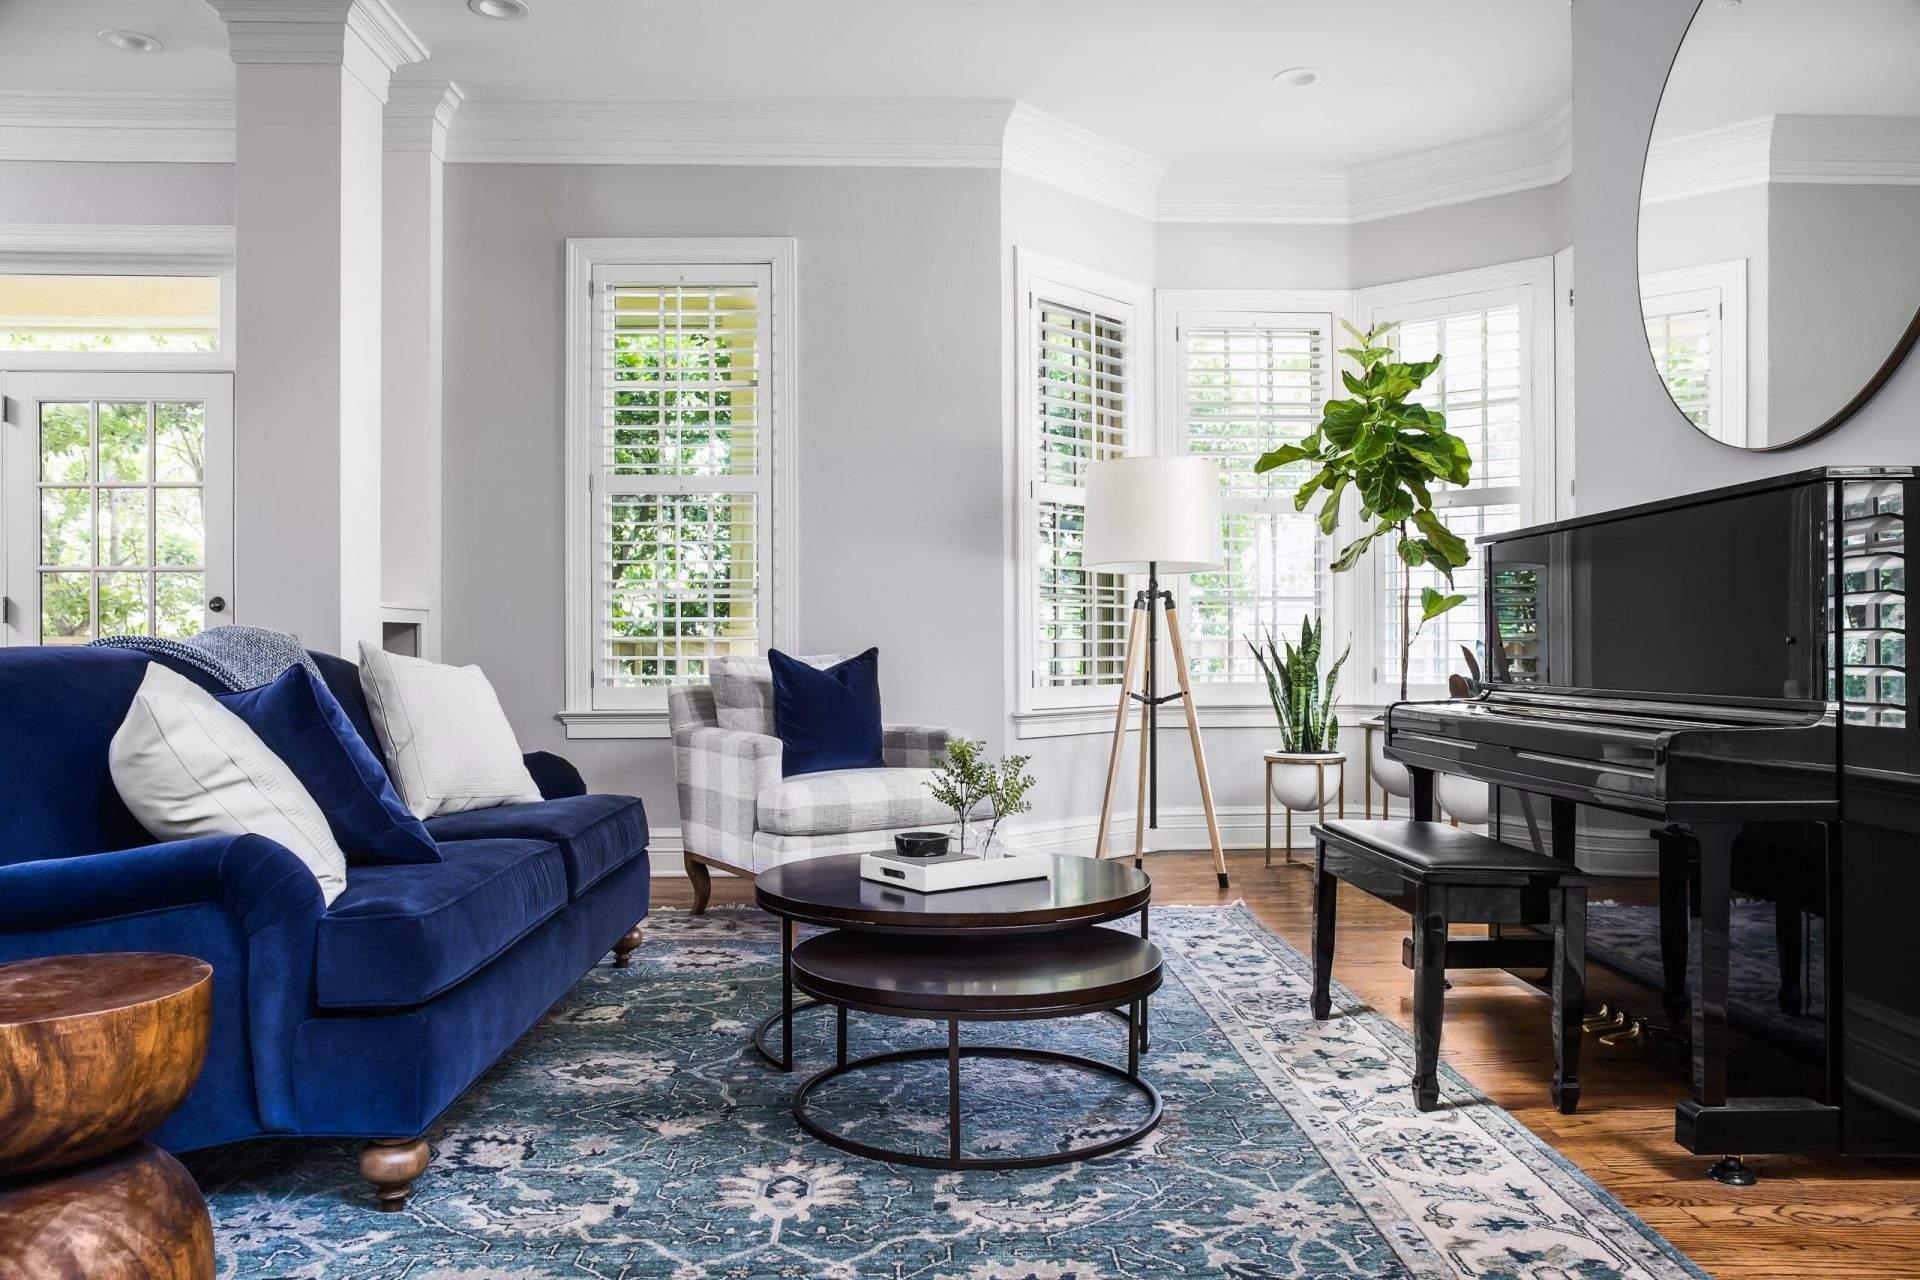 Home Interior Design, Bright Living Room with Blue Sofa, Etch Interior Design, Austin, Texas